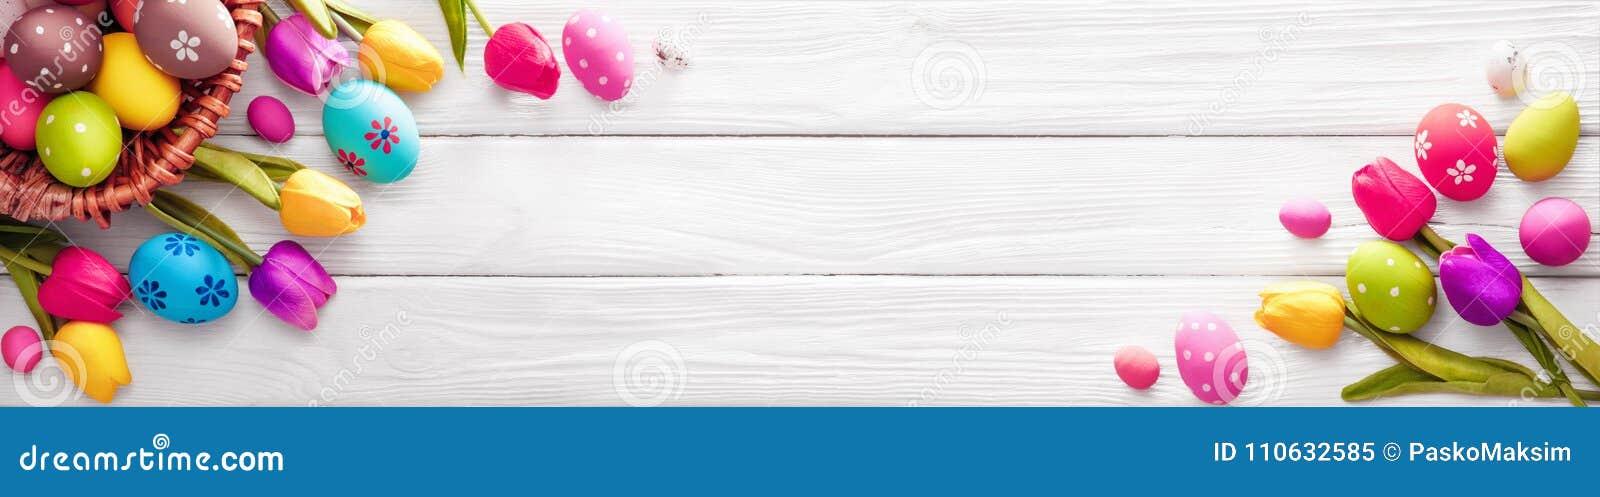 Paaseieren met bloemen